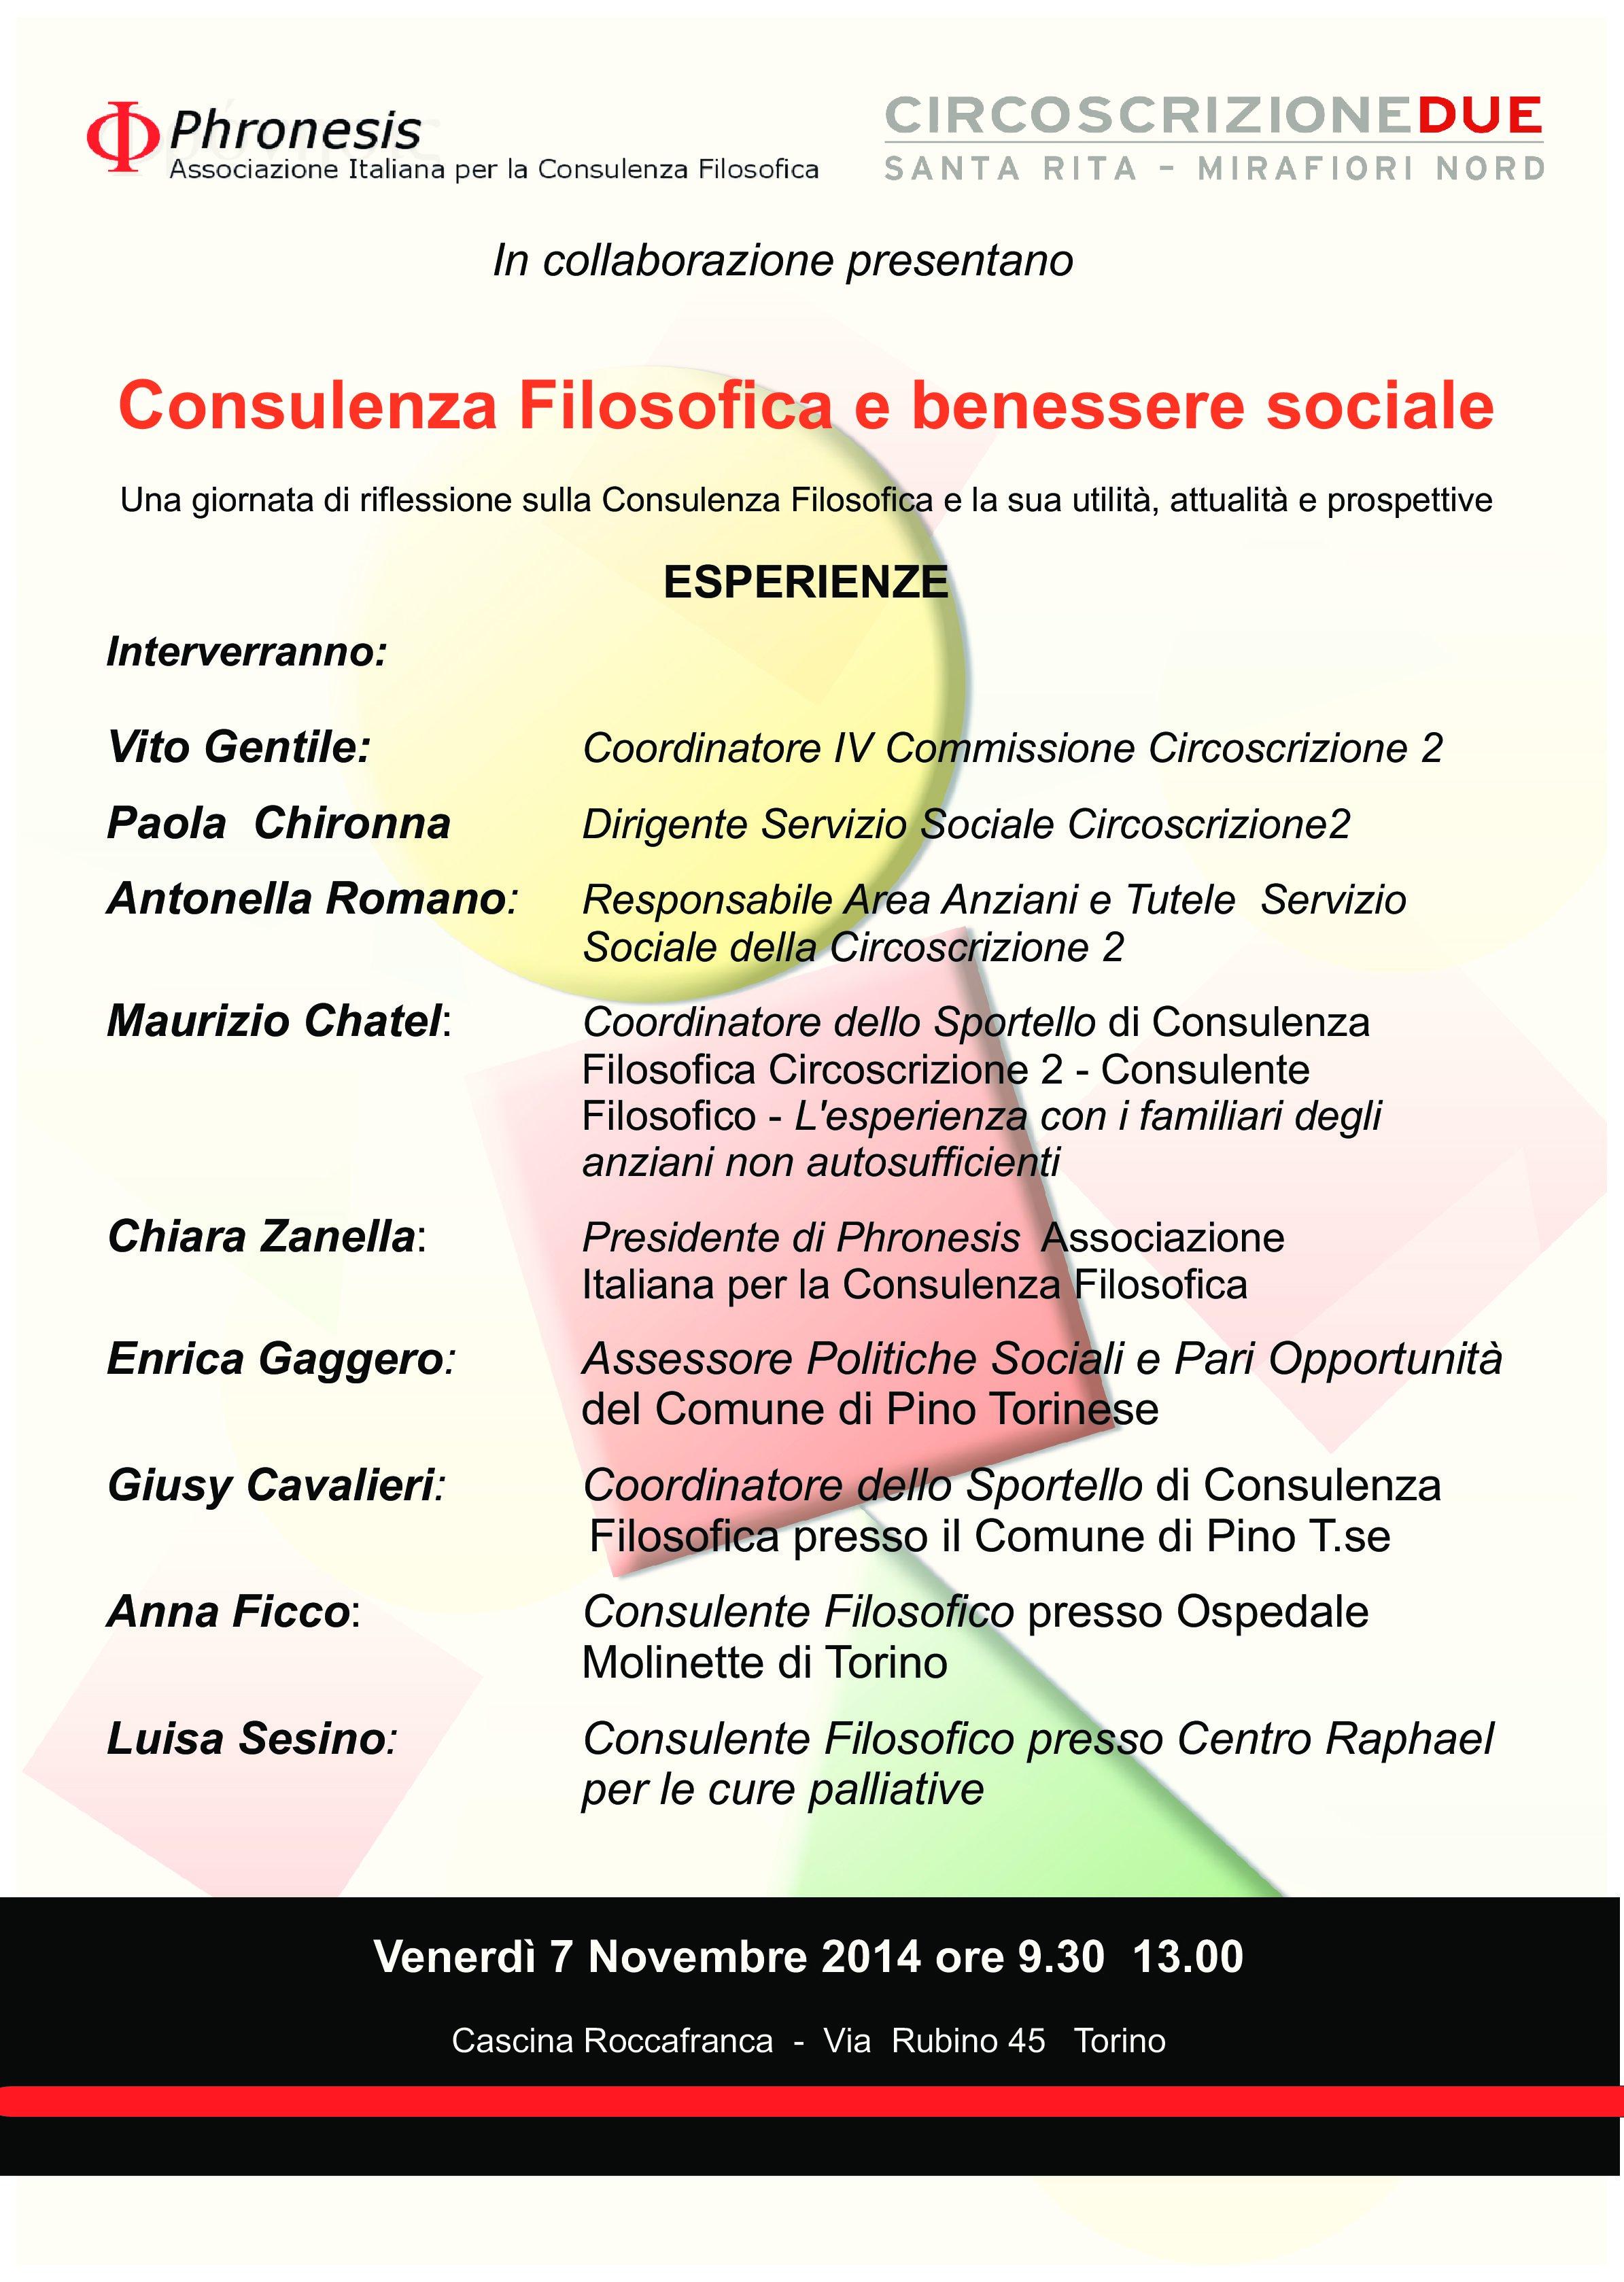 Consulenza Filosofica e benessere sociale